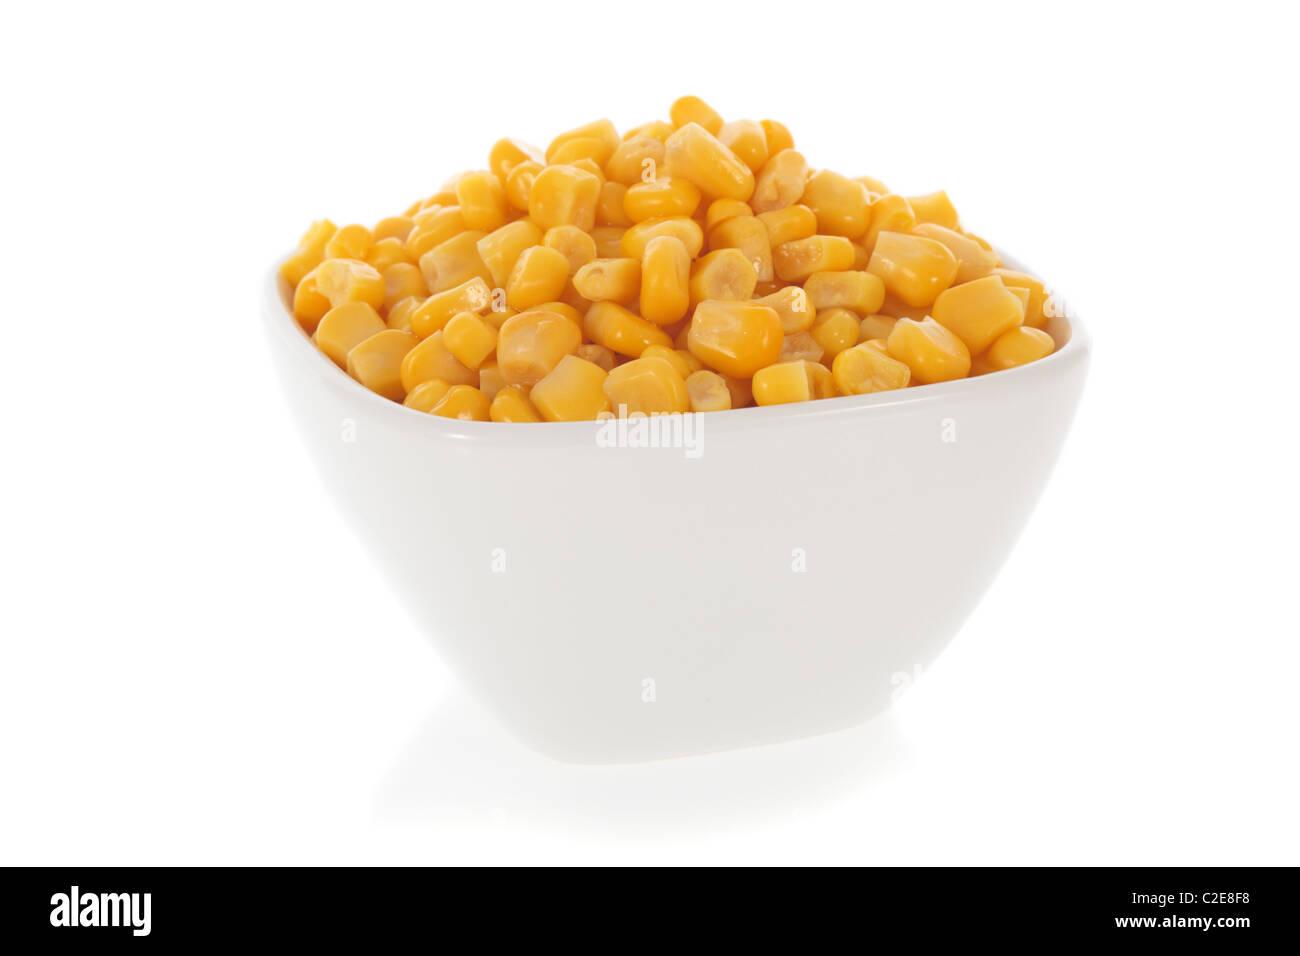 Le maïs sucré dans un bol isolé sur fond blanc Photo Stock